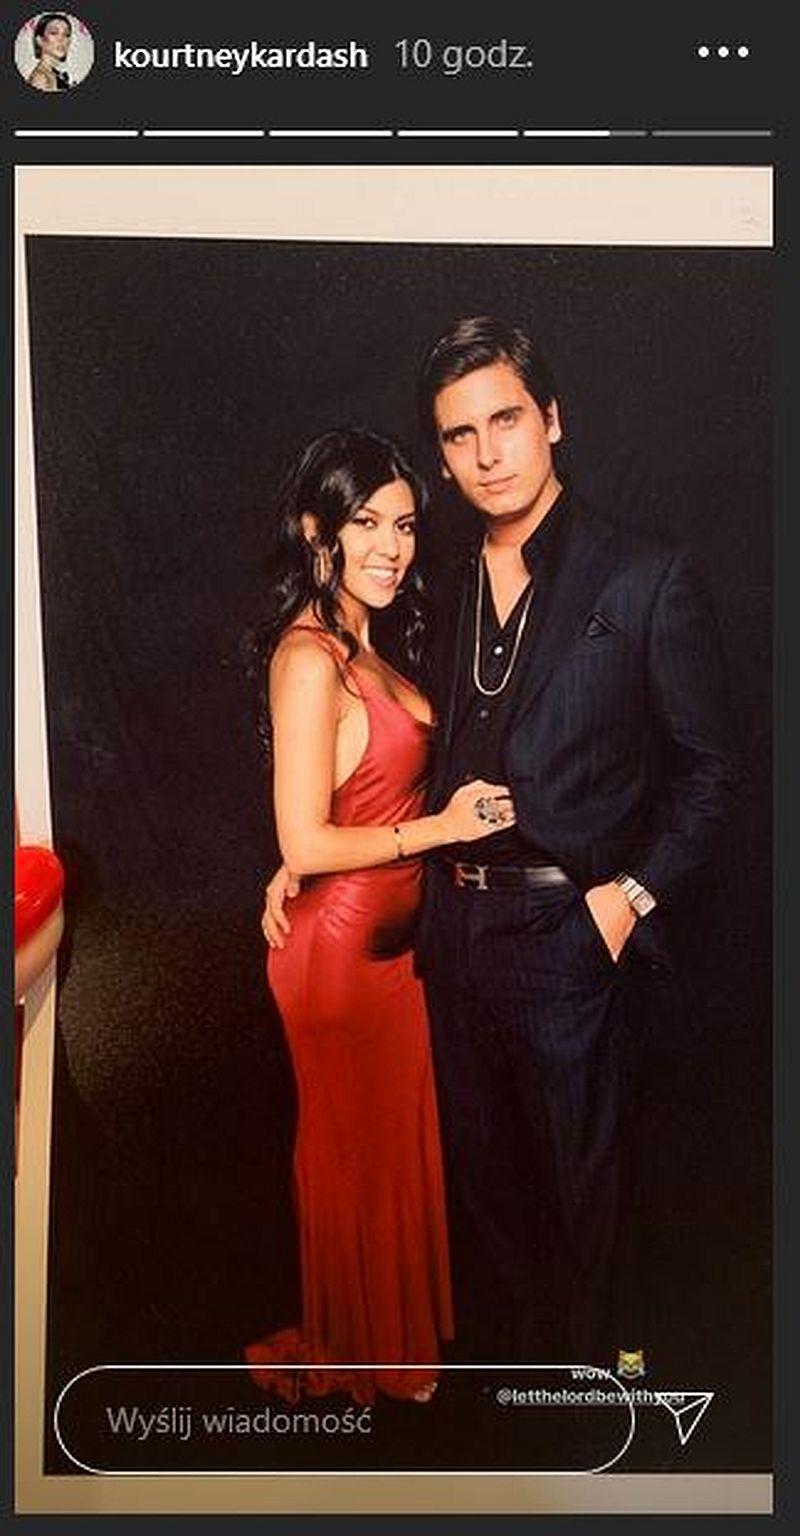 Kourtney Kardashian pokazuje archiwalne zdjęcie ze Scottem Disickiem